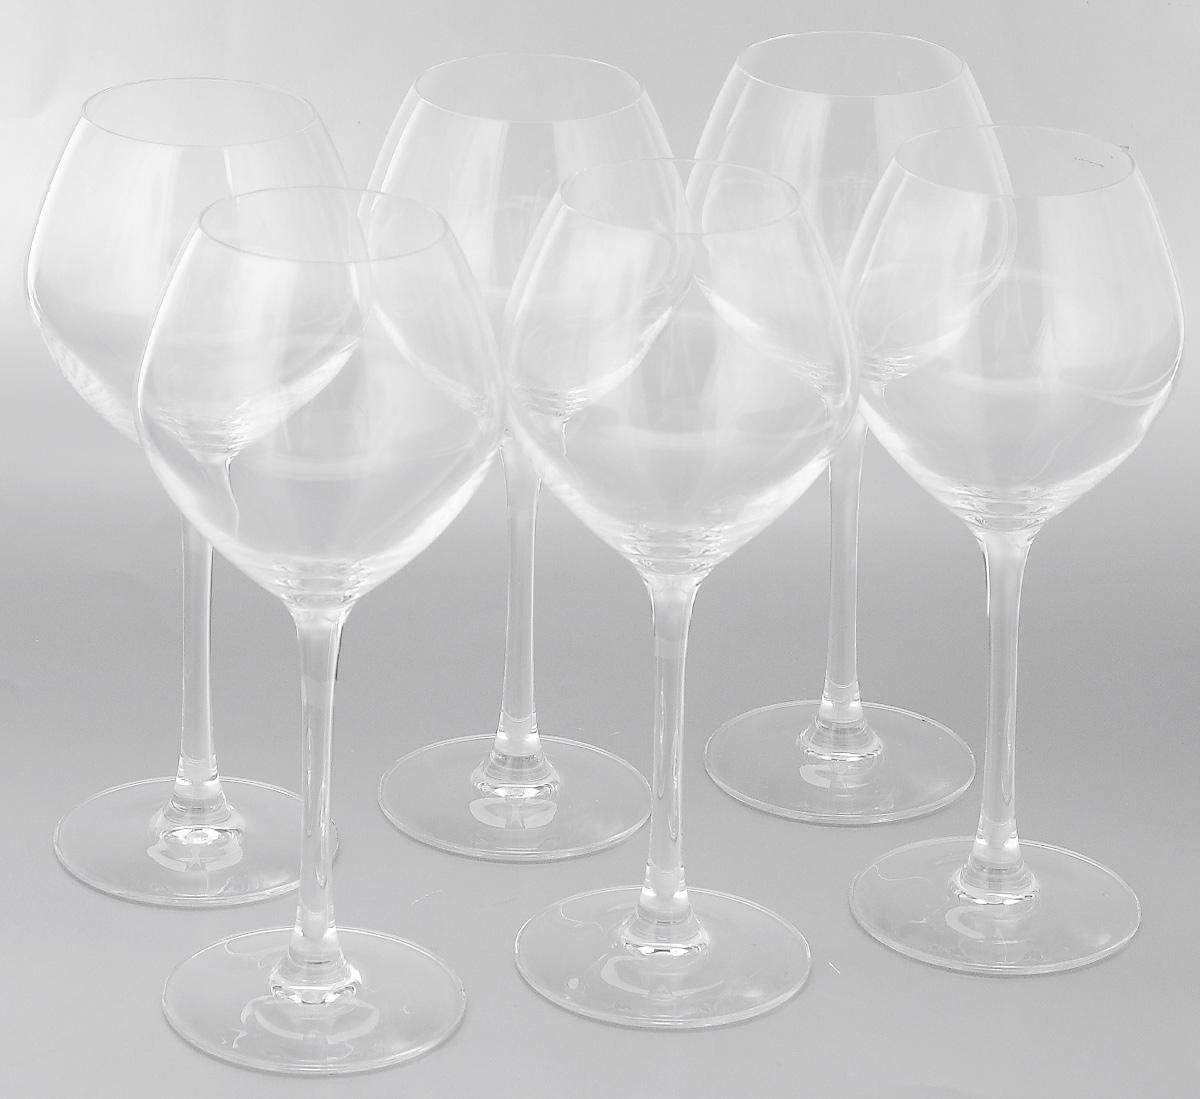 Набор фужеров Cristal dArques Wine Emotions, 6 штH9357Набор Cristal dArques Wine Emotions состоит из 6 фужеров, выполненных из высококачественного стекла. Изделия сочетают в себе элегантный дизайн с максимальной функциональностью. Набор фужеров Cristal dArques Wine Emotions прекрасно оформит праздничный стол и создаст приятную атмосферу за романтическим ужином. А также станет хорошим подарком к любому случаю. Диаметр фужера по верхнему краю: 6 см. Высота фужера: 21 см. Диаметр основания фужера: 7,5 см.